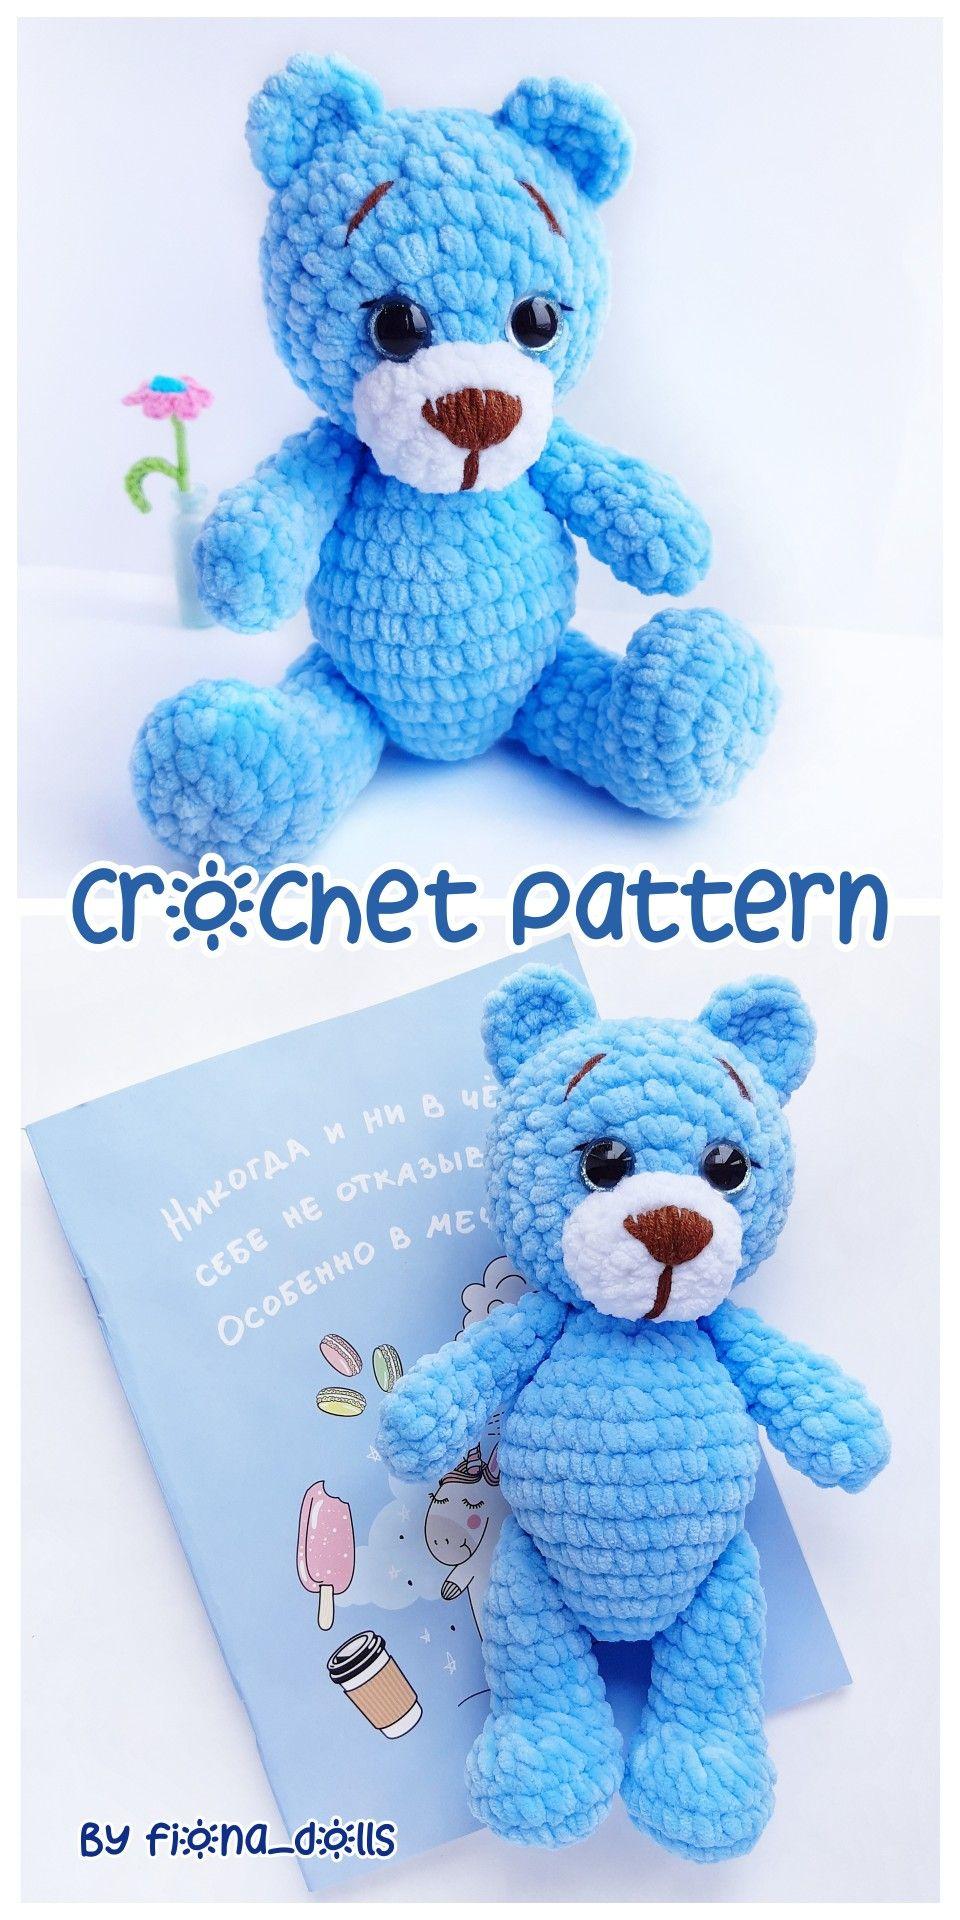 CROCHET PATTERN bear toy - Amigurumi pattern teddy bear - crocheted toy Pattern in English - Crochet #beartoy